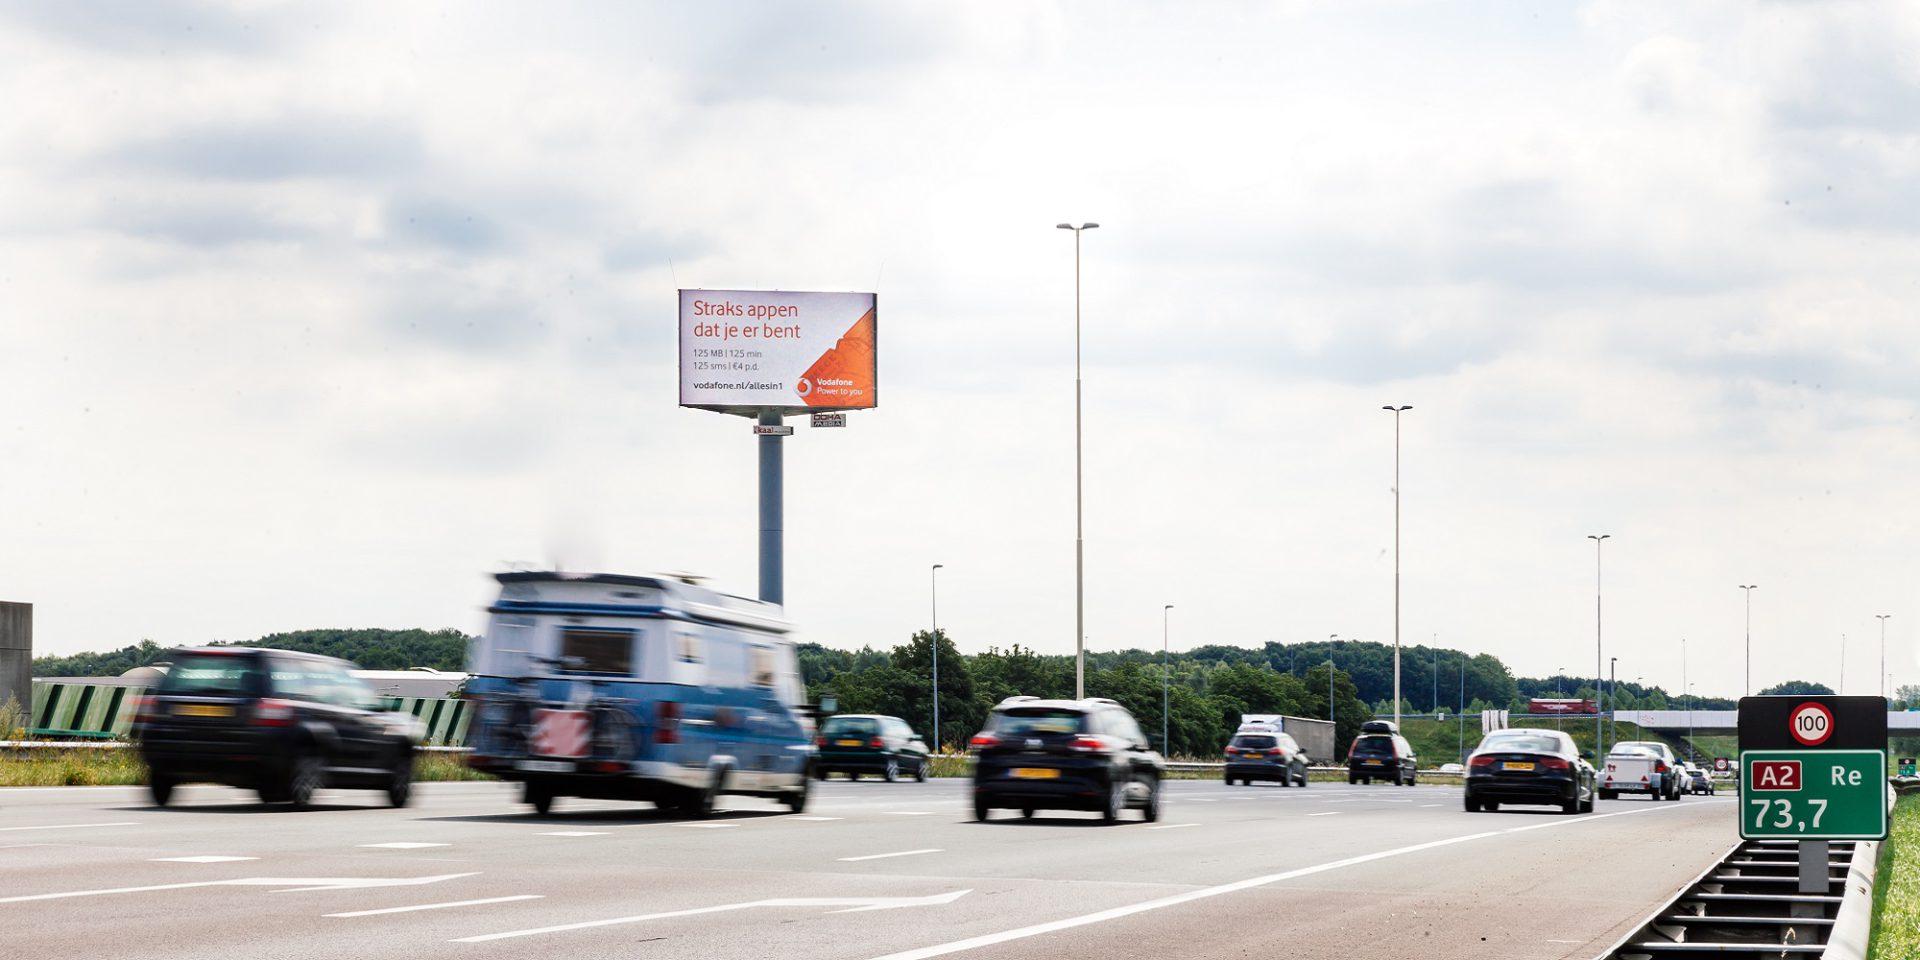 A2 digitale snelwegreclame